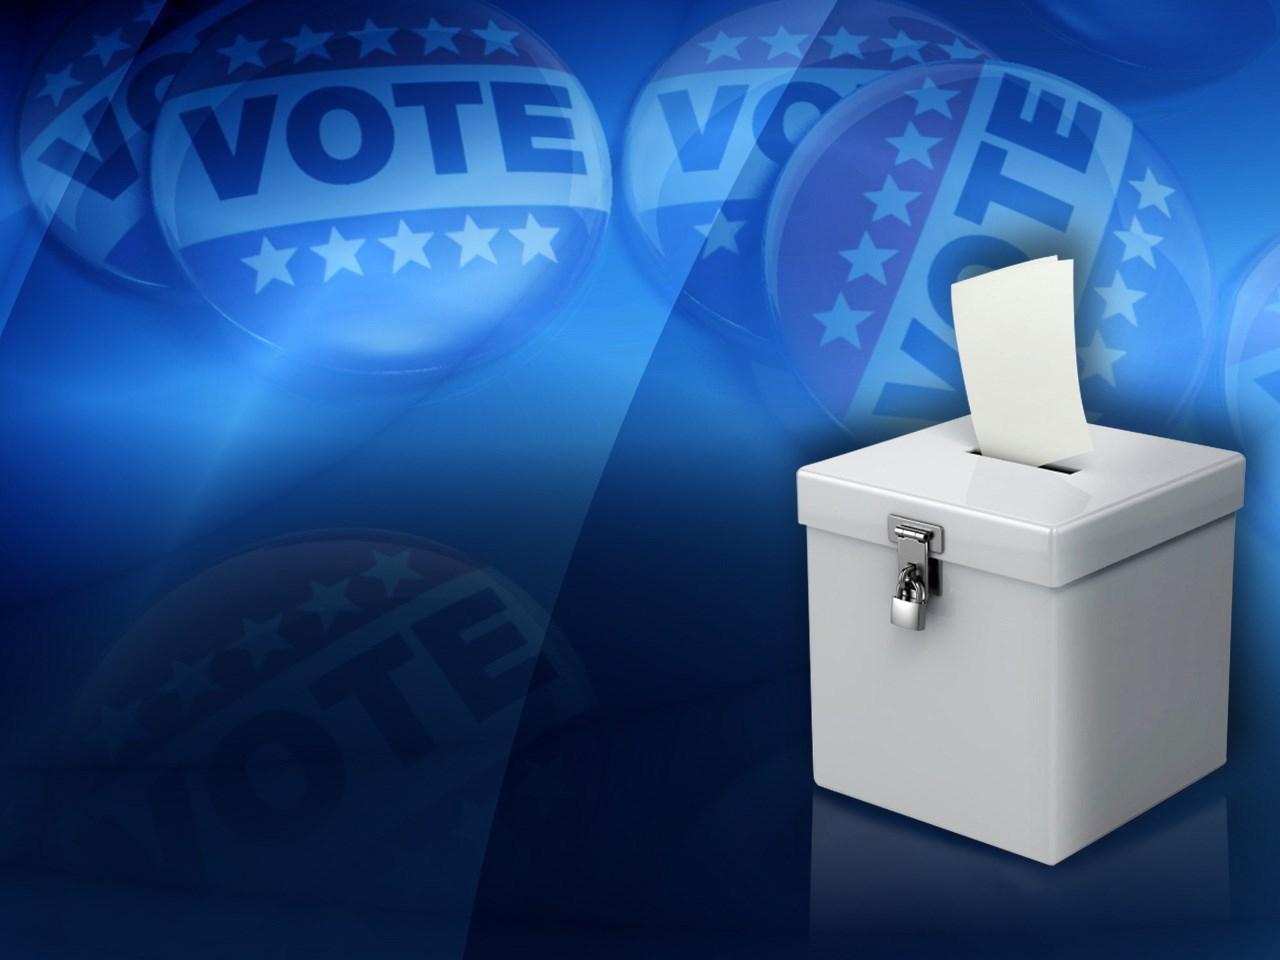 VOTE BALLOT_1534435571760.jpg.jpg